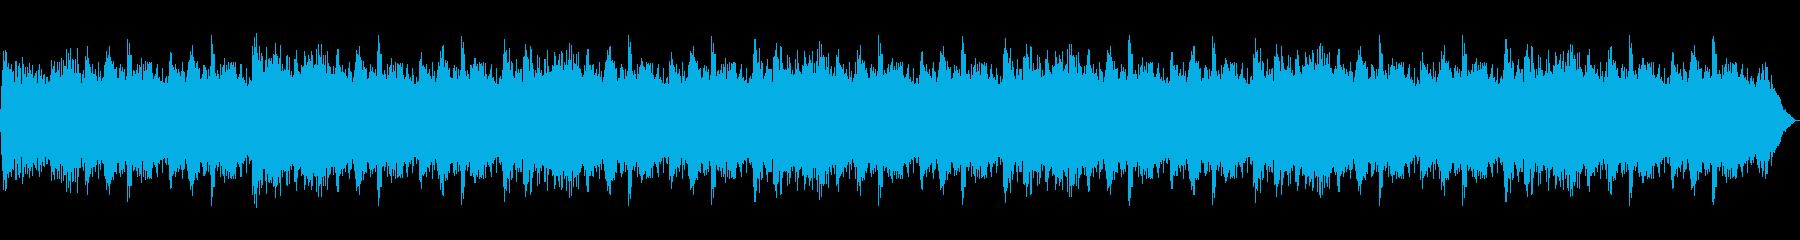 ロングVer!クリスマス・テクスチャー!の再生済みの波形